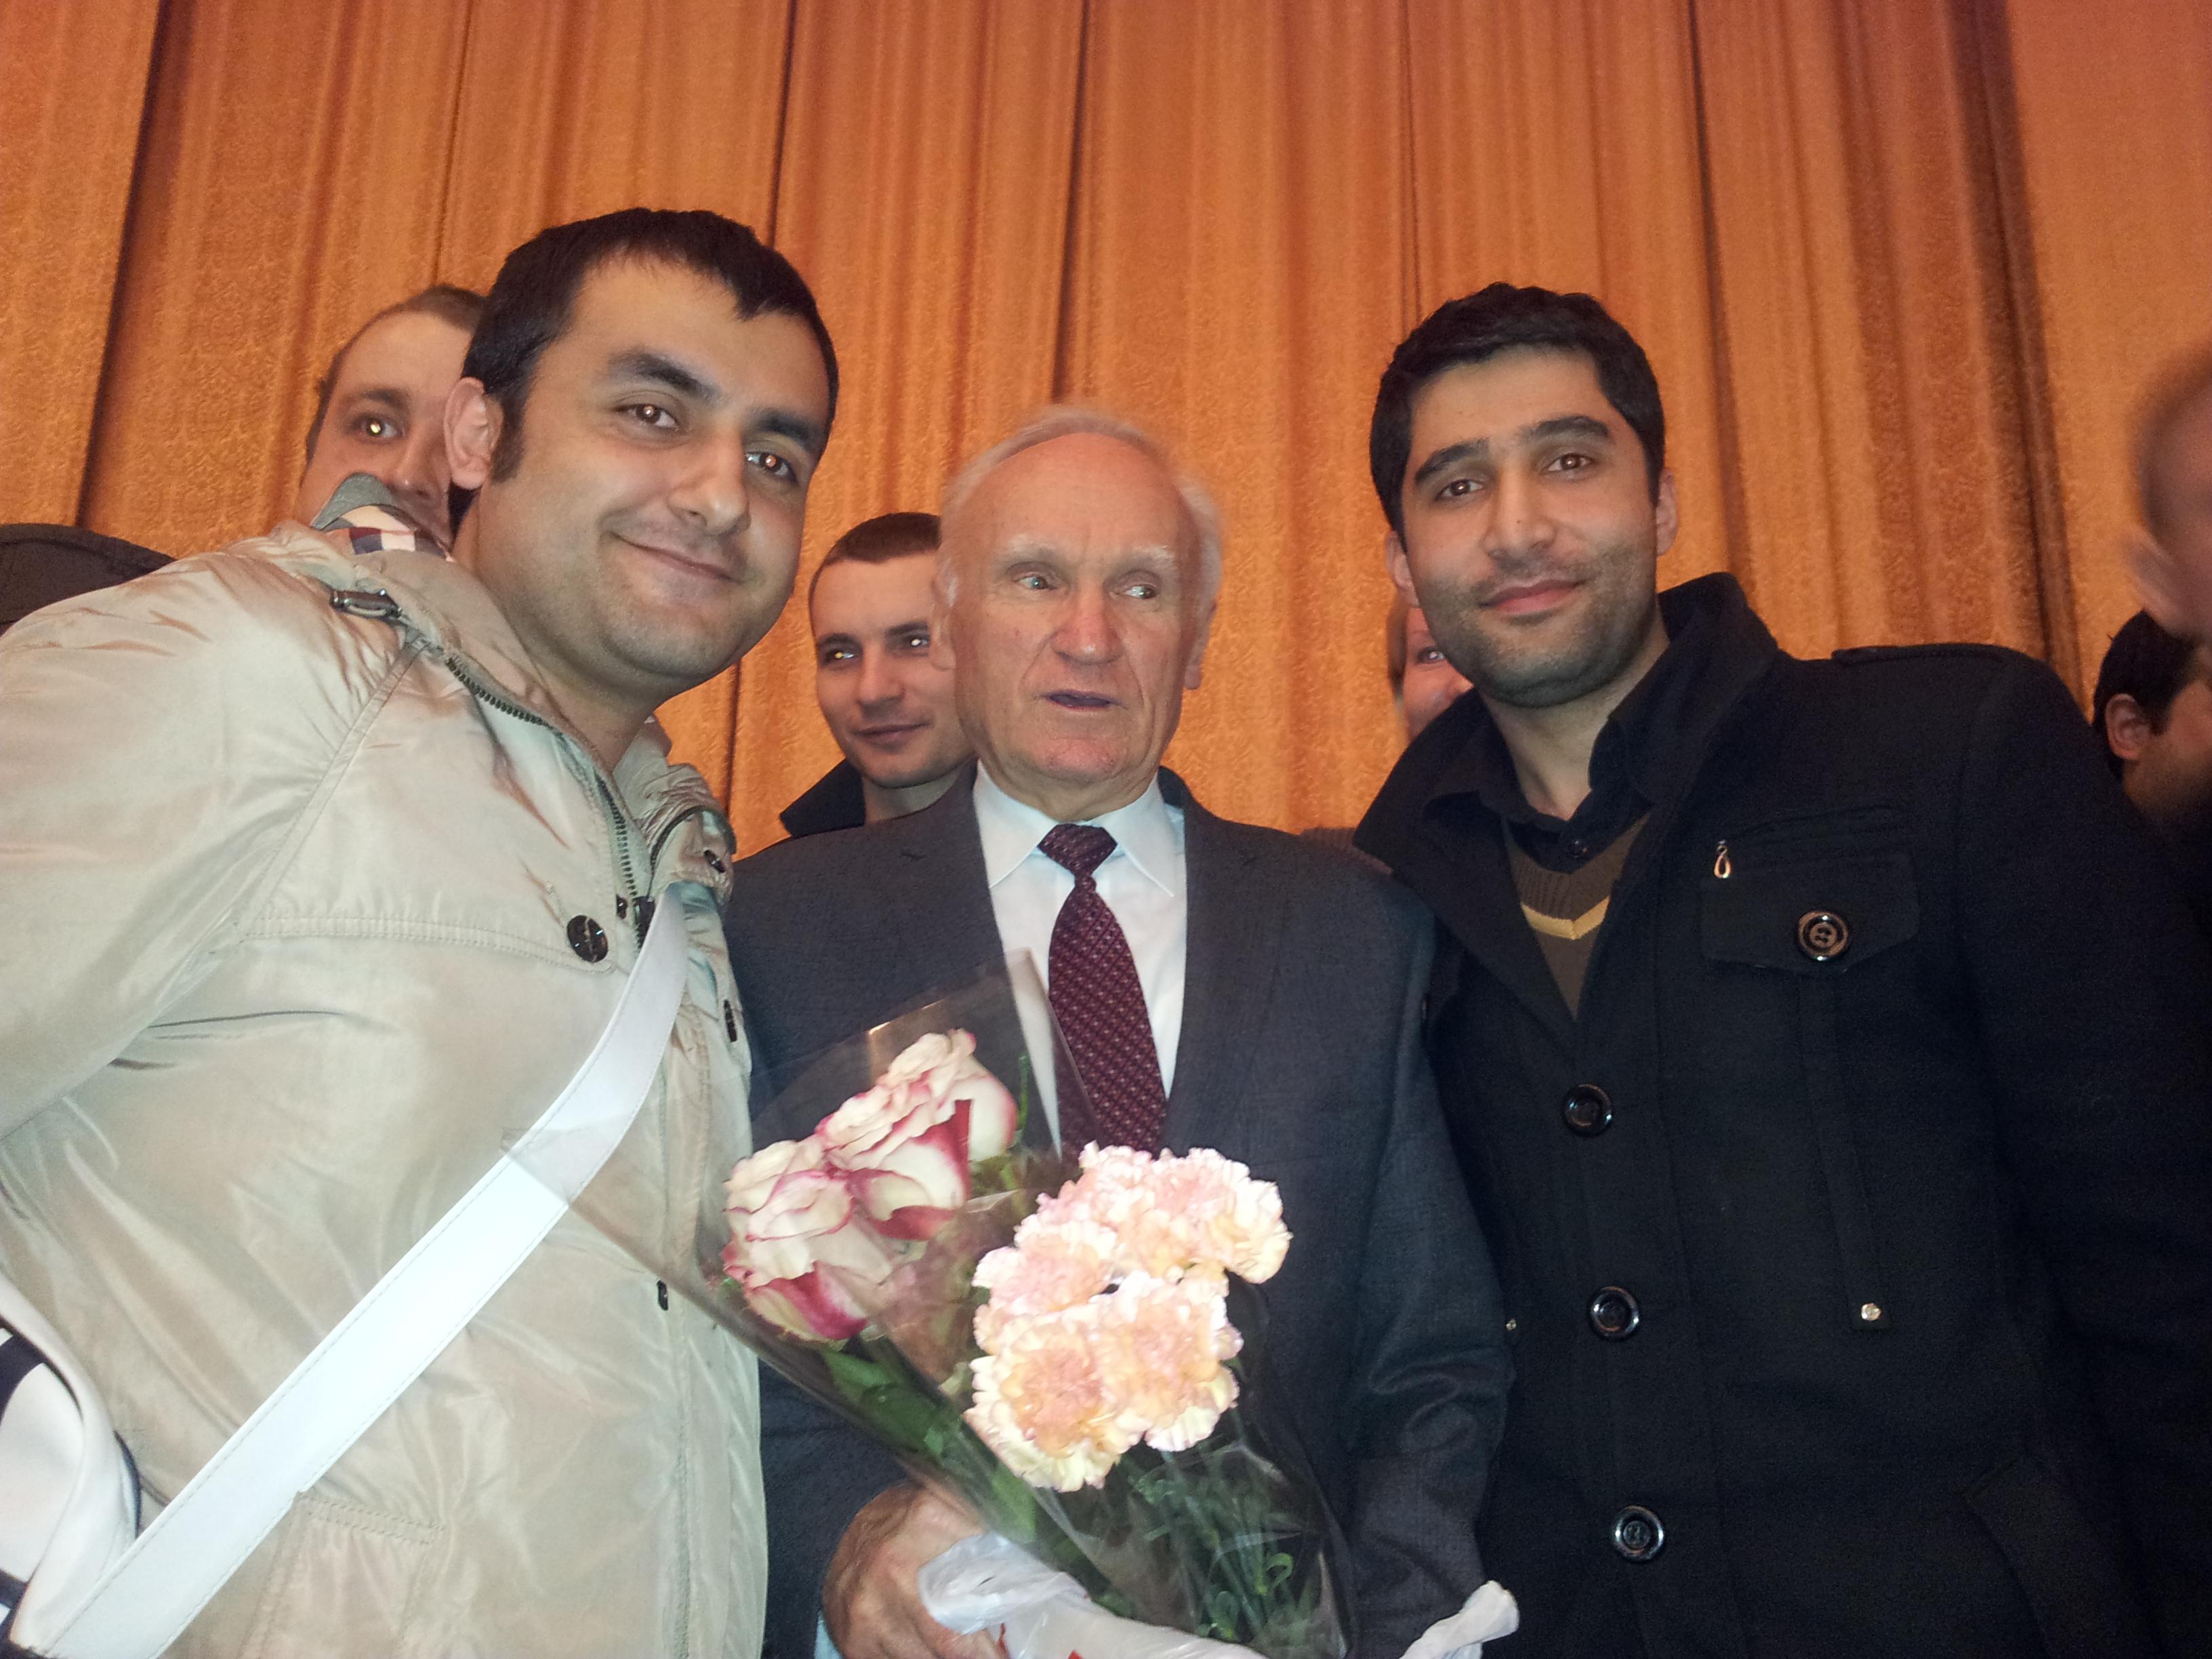 Георгий Кашахи, проф. Осипов, Серафим маамди